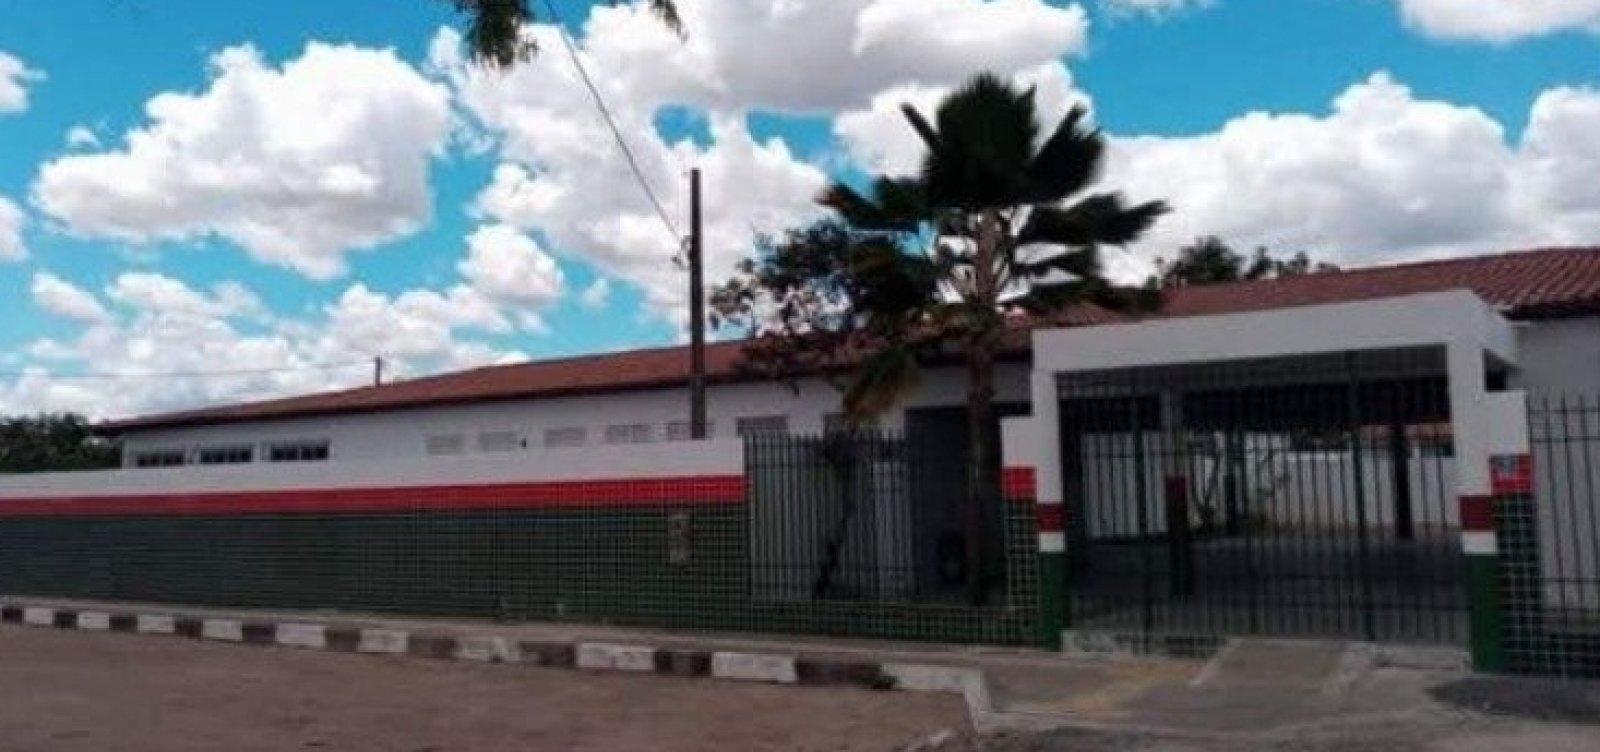 Após suspeita de Covid-19, escola em Feira de Santana suspende aulas